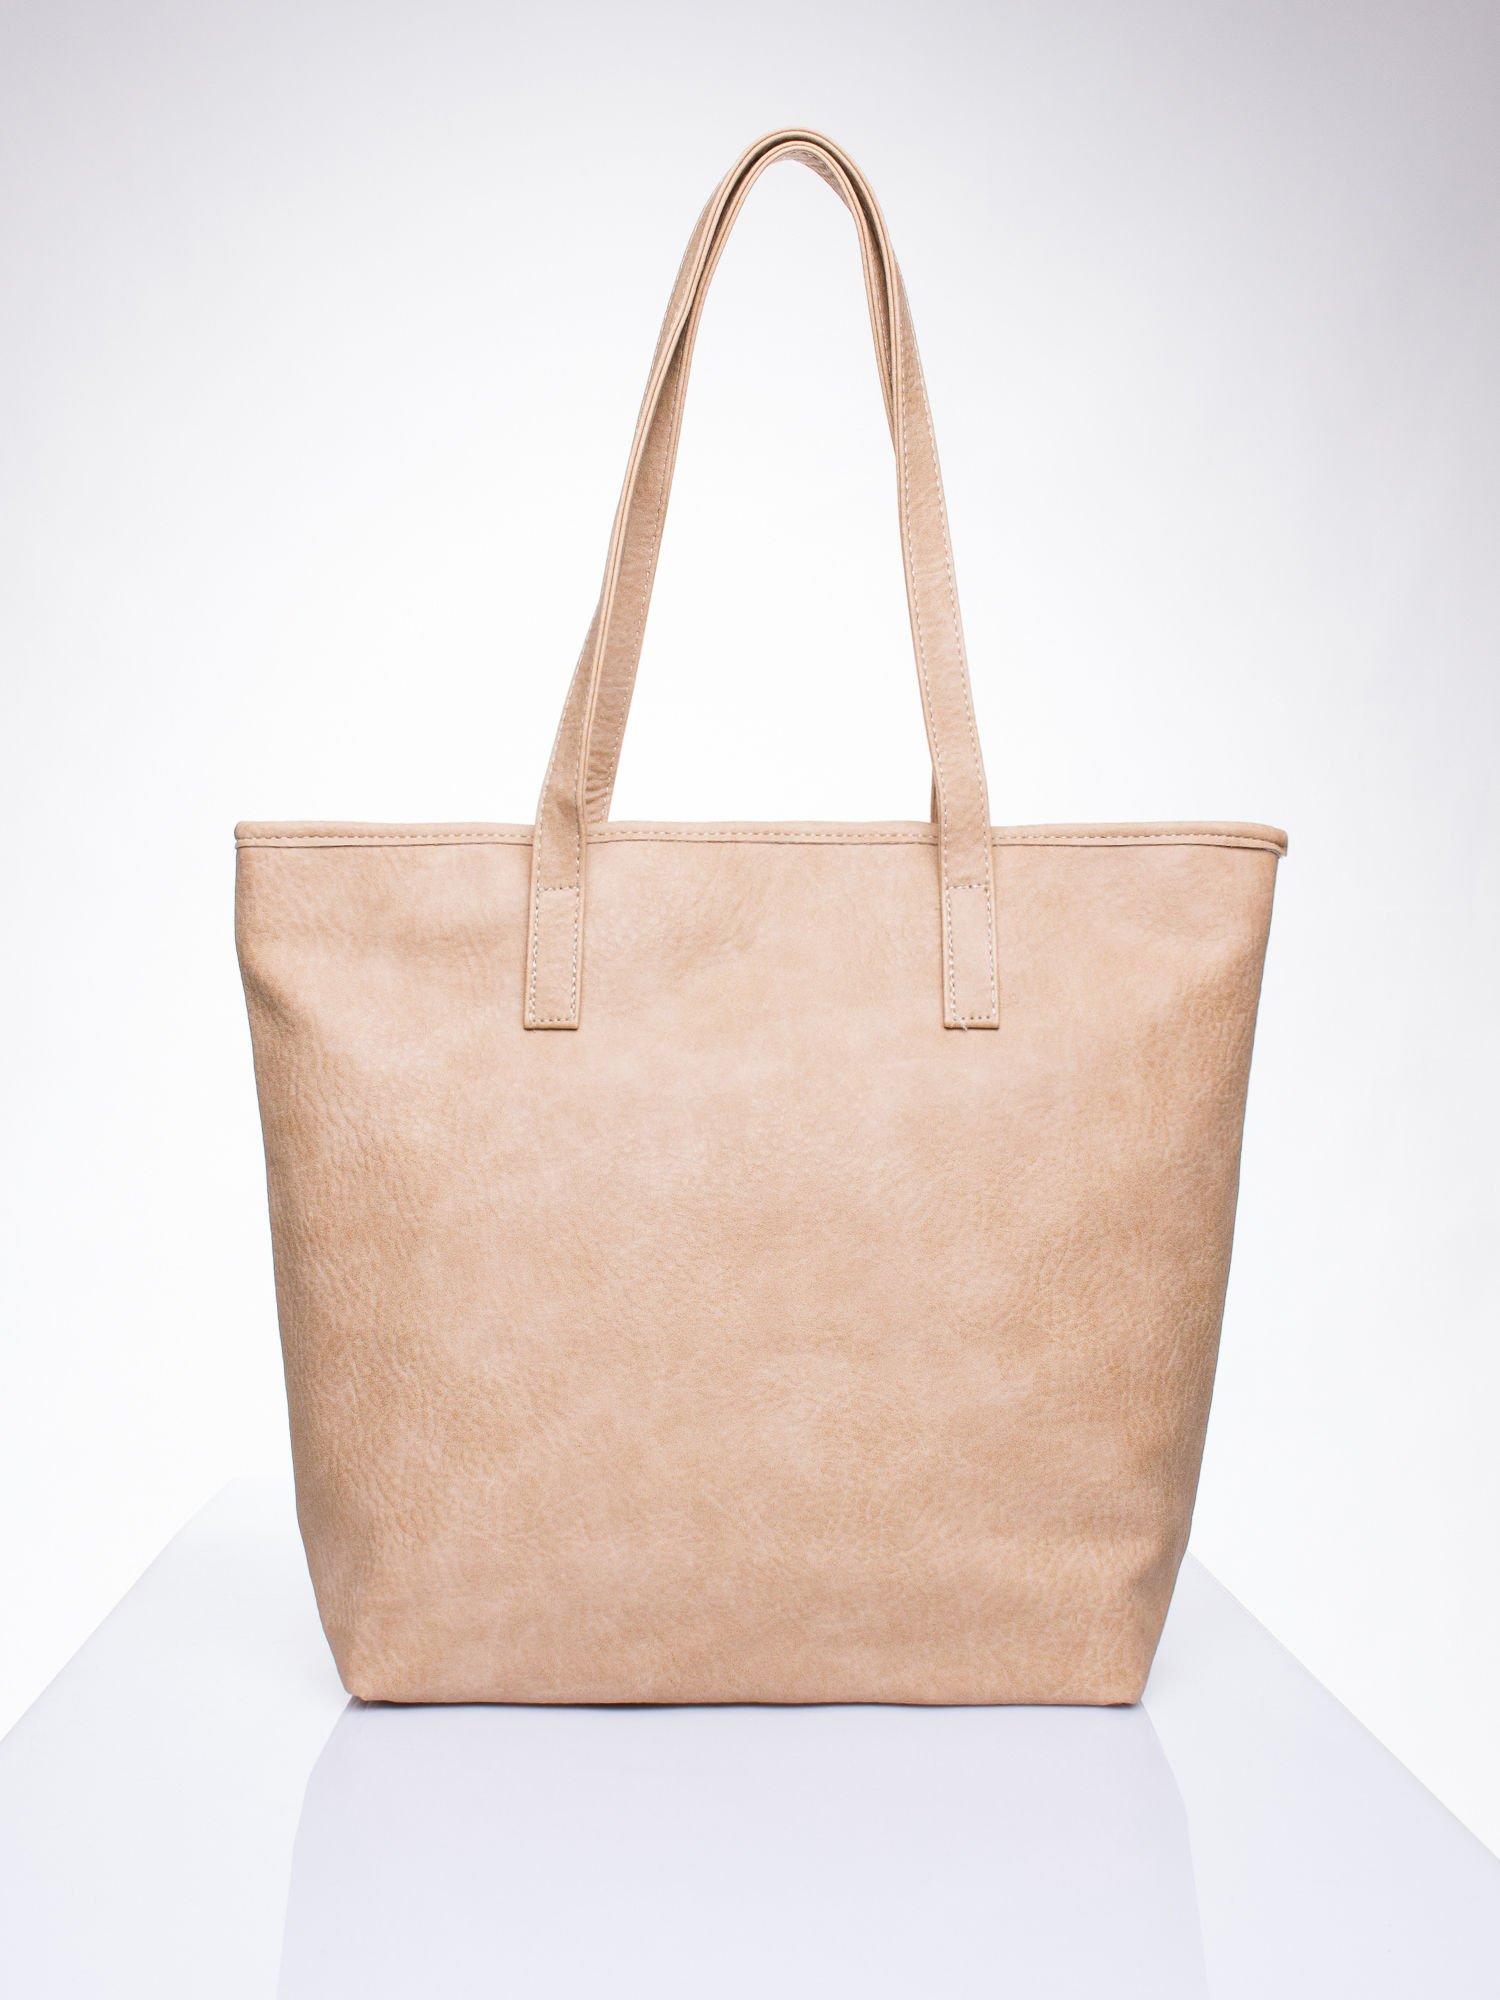 Jasnobrązowa torebka shopper bag z kokardką                                  zdj.                                  4